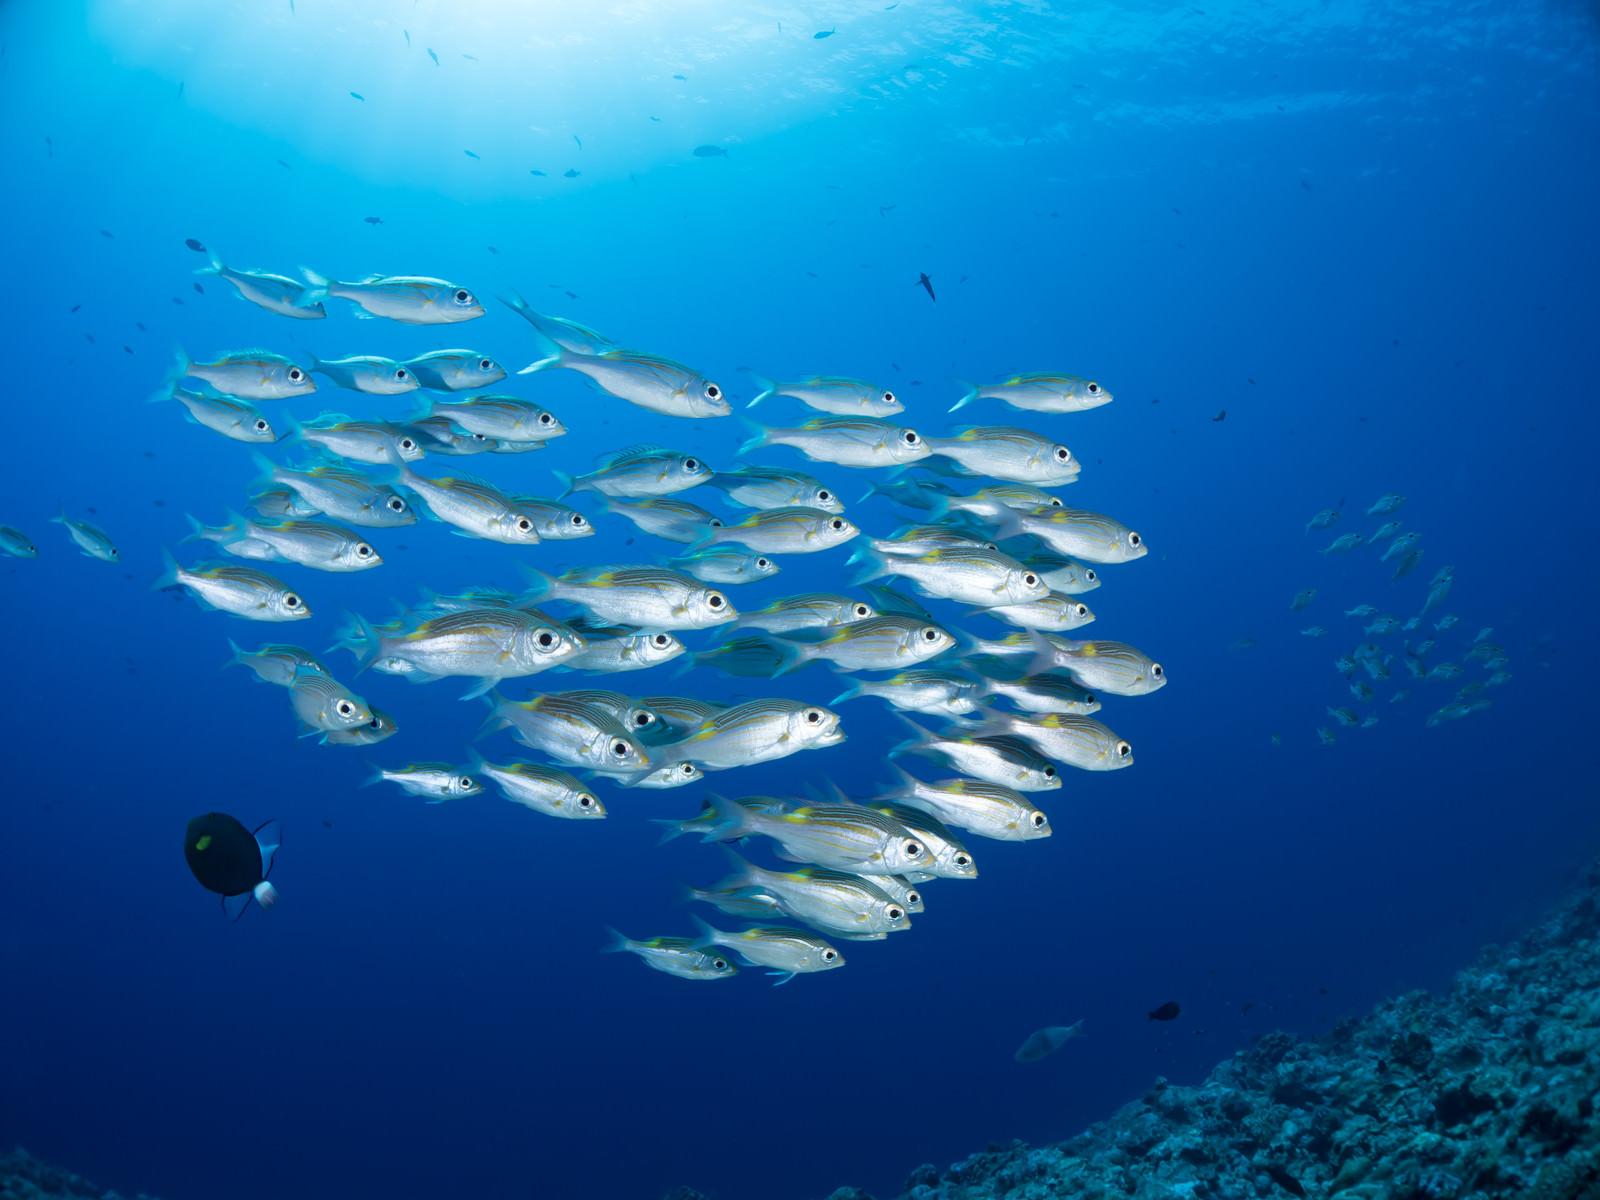 「中層を泳ぐノコギリダイ中層を泳ぐノコギリダイ」のフリー写真素材を拡大